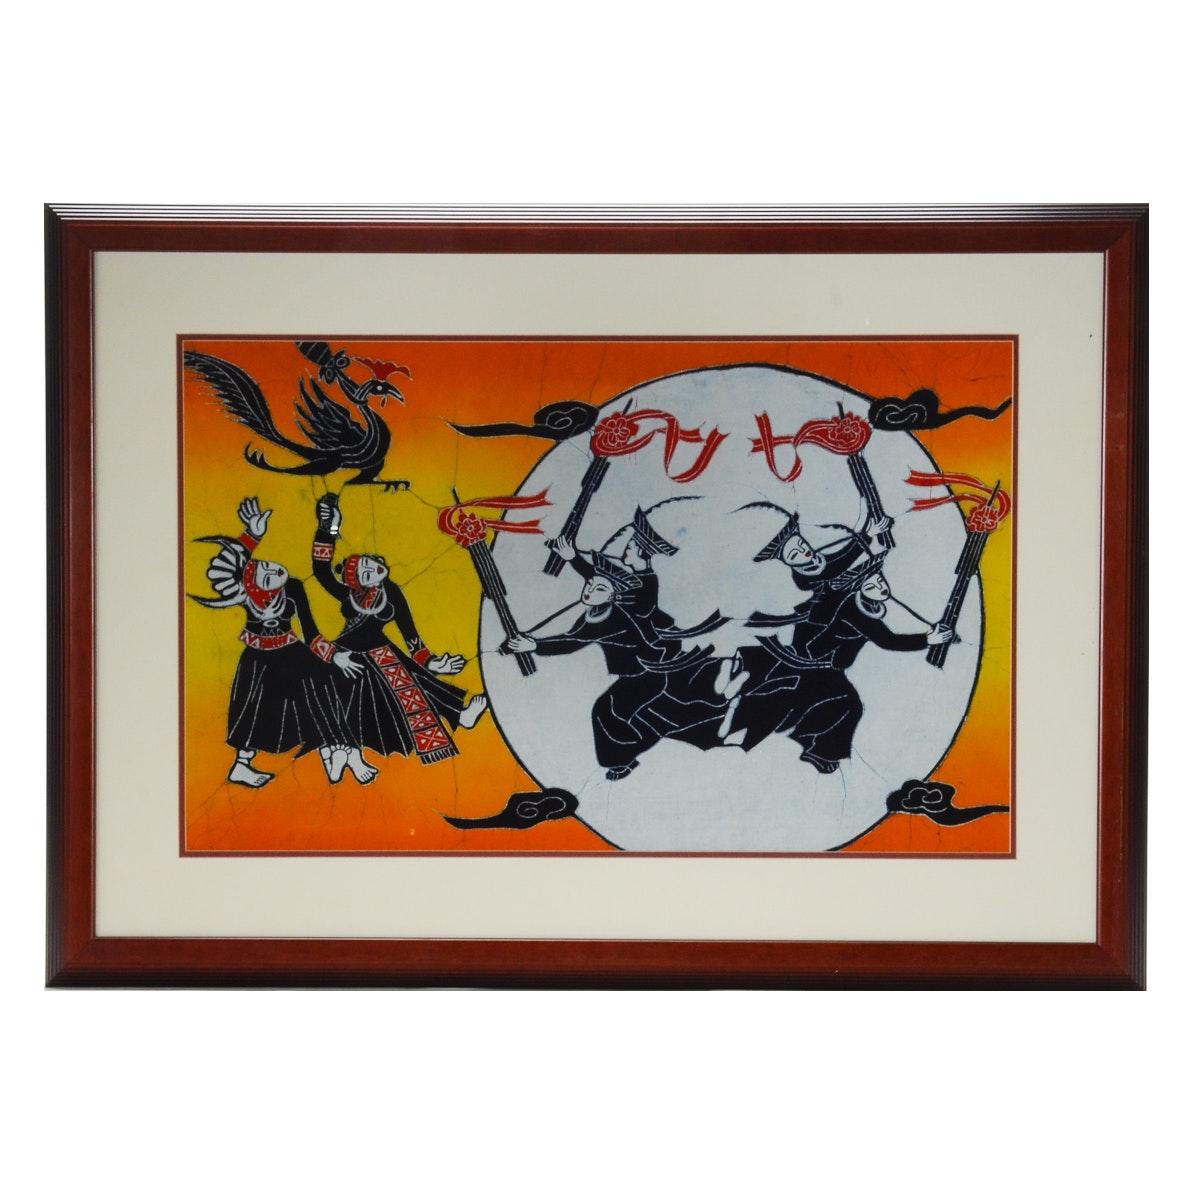 Batik Painting of Dancing Figures